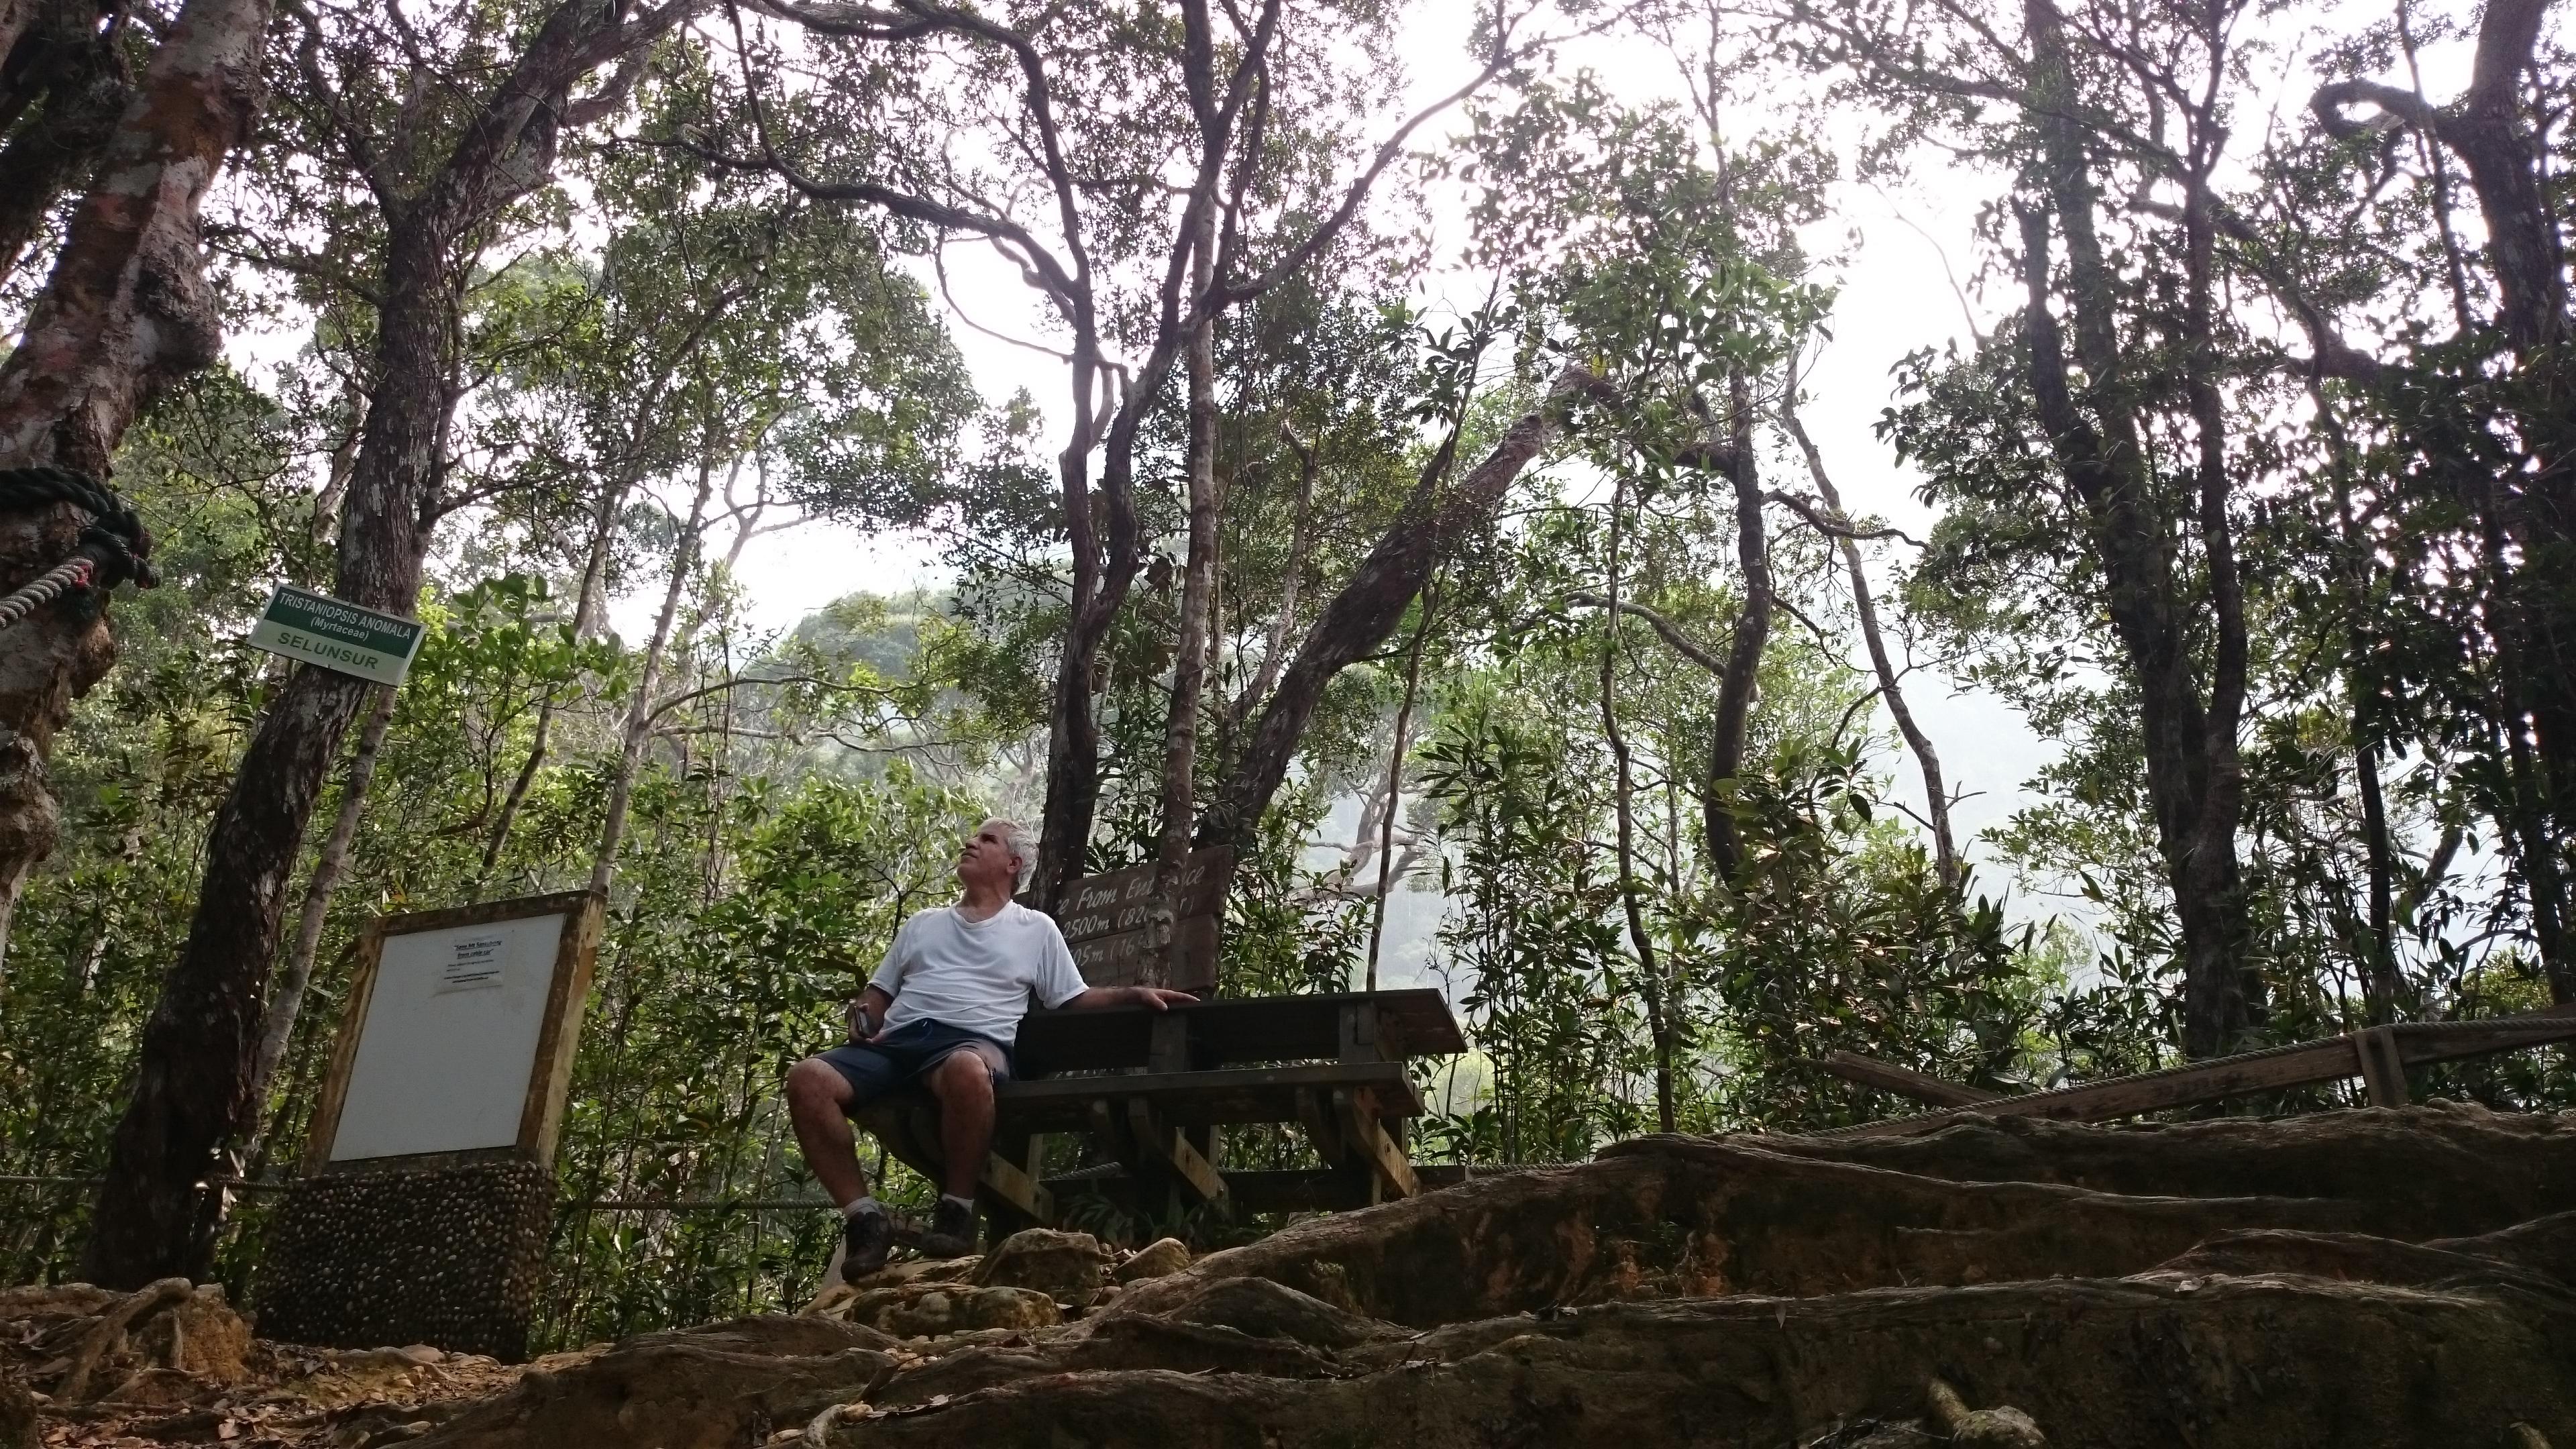 Mahmud_trees